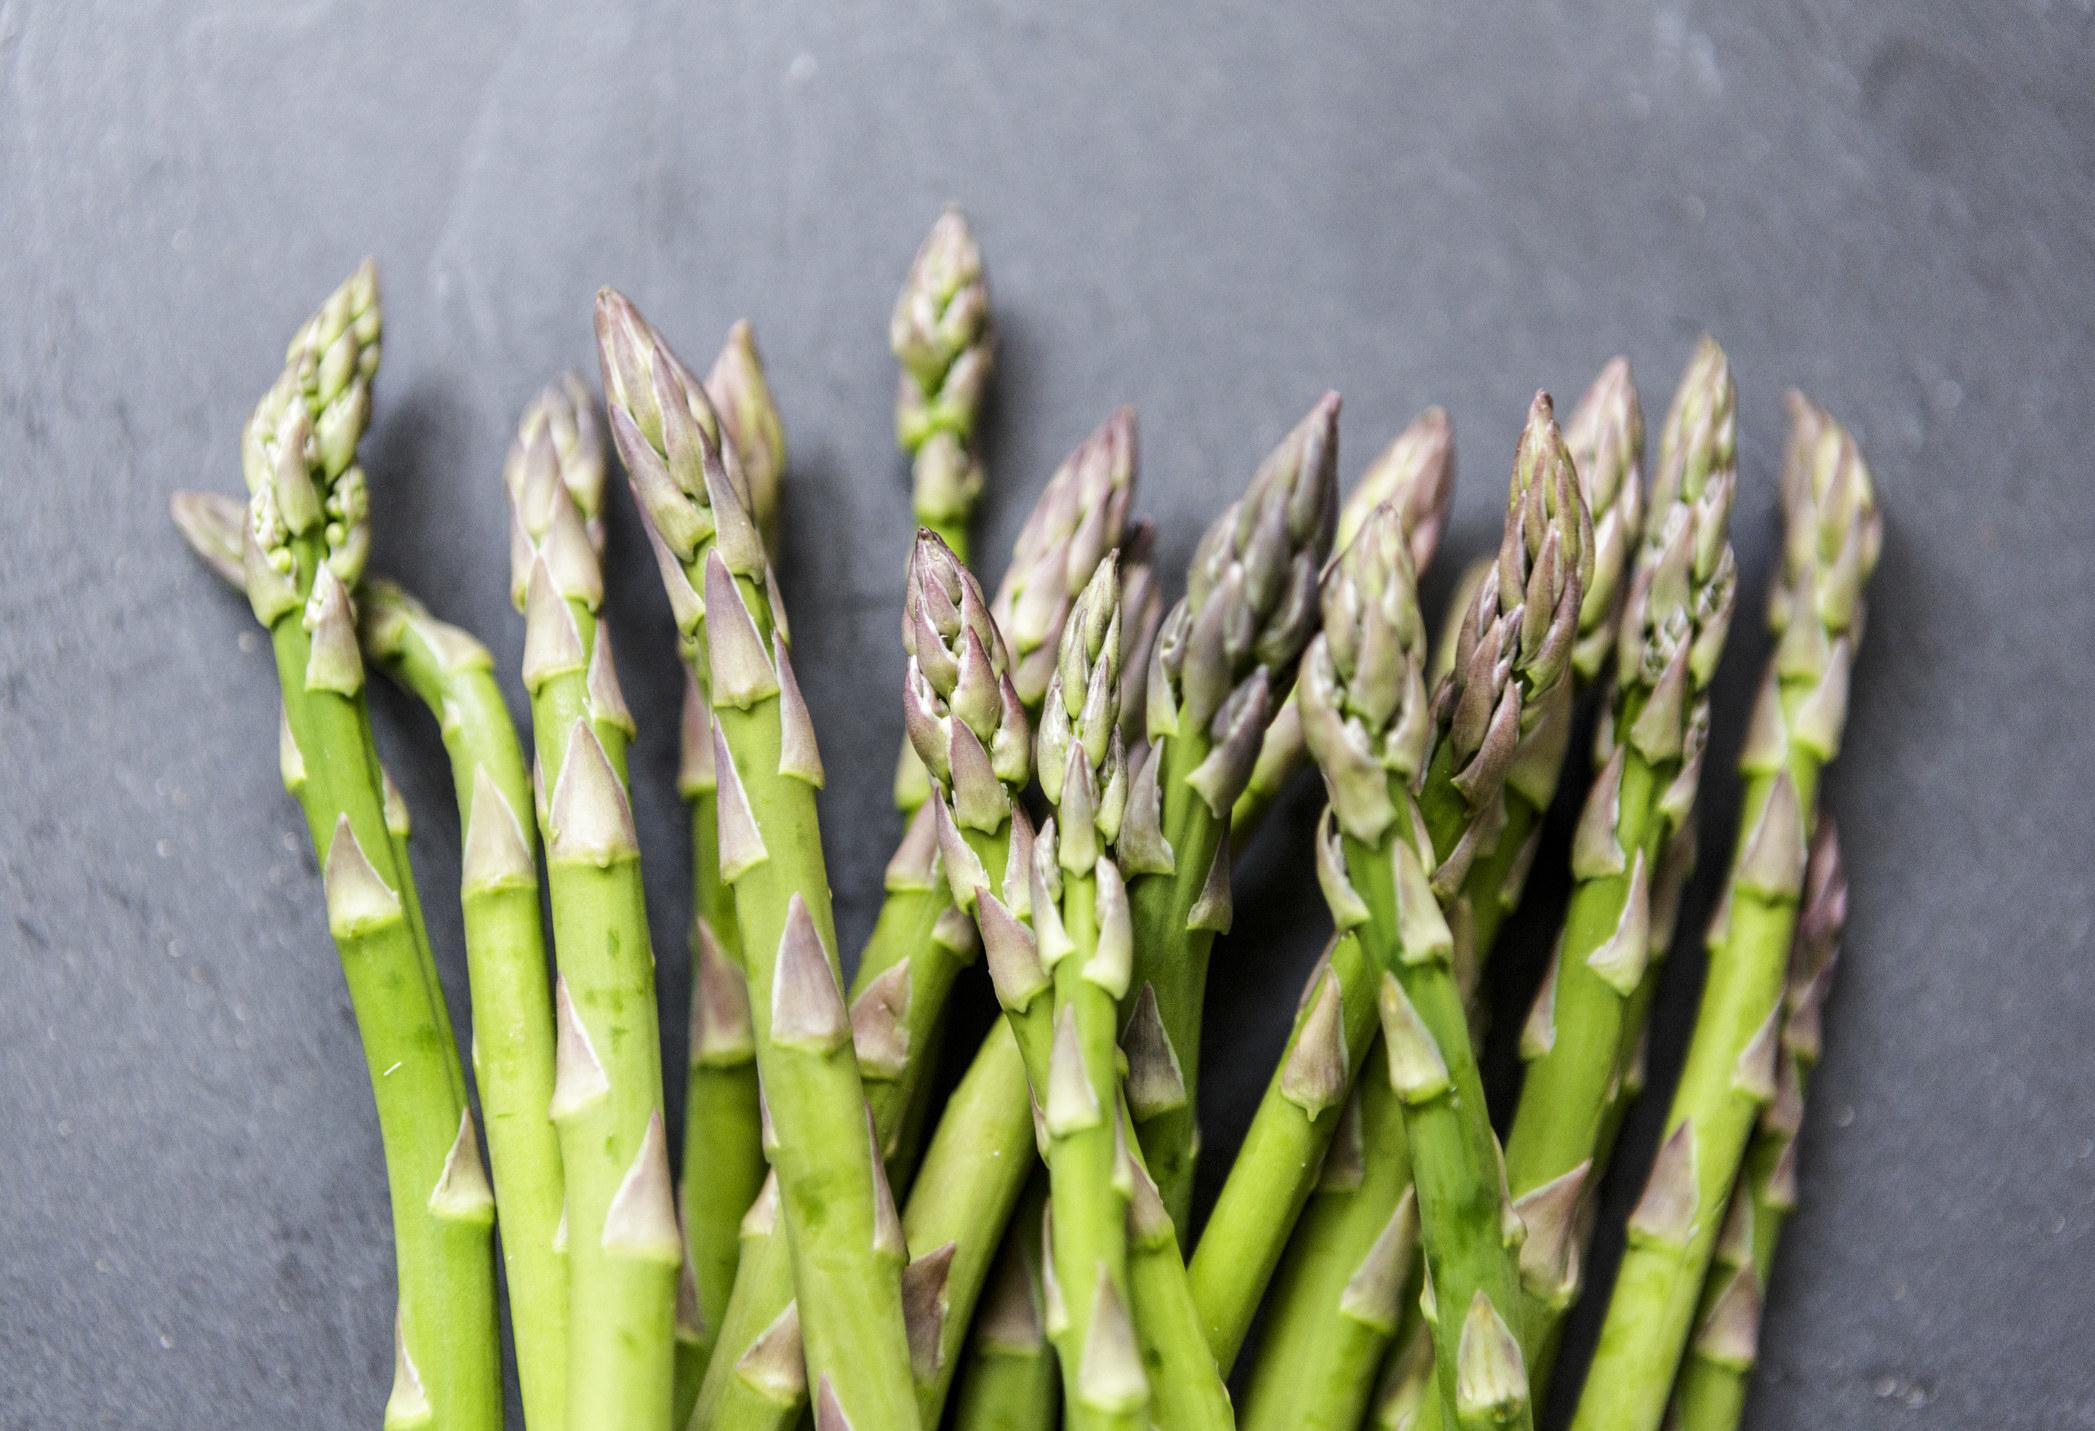 An image of asparagus.